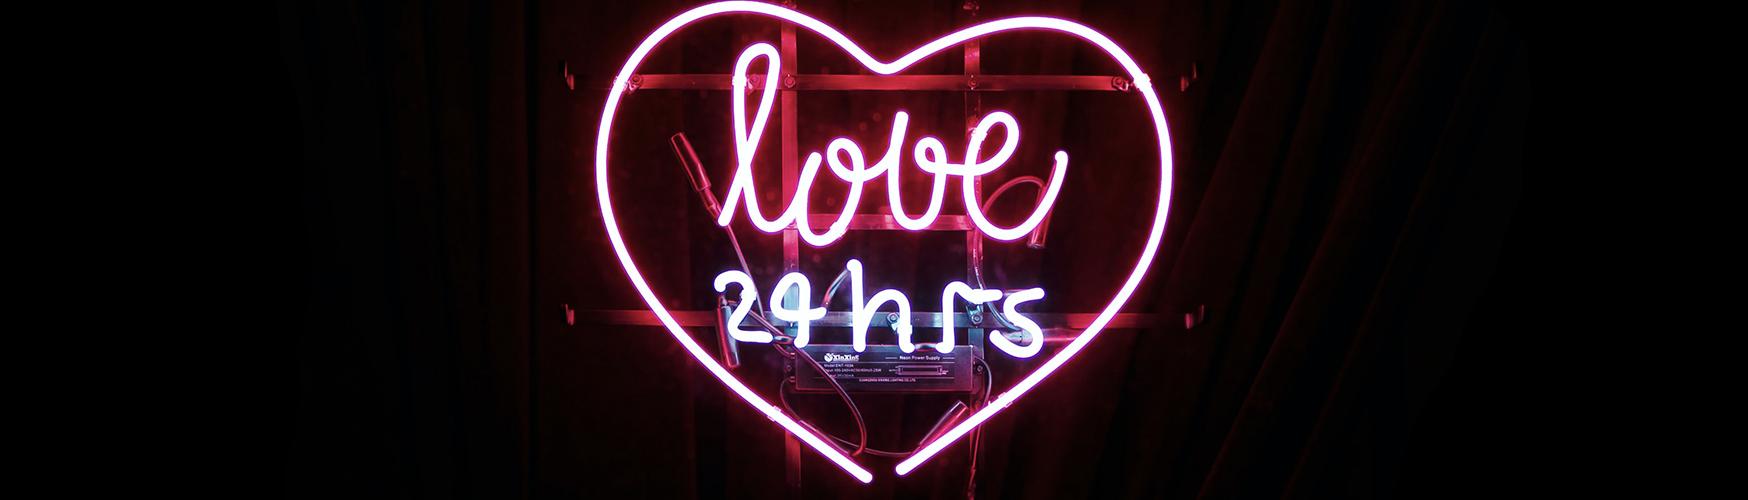 modern love 24 hrs neon sign